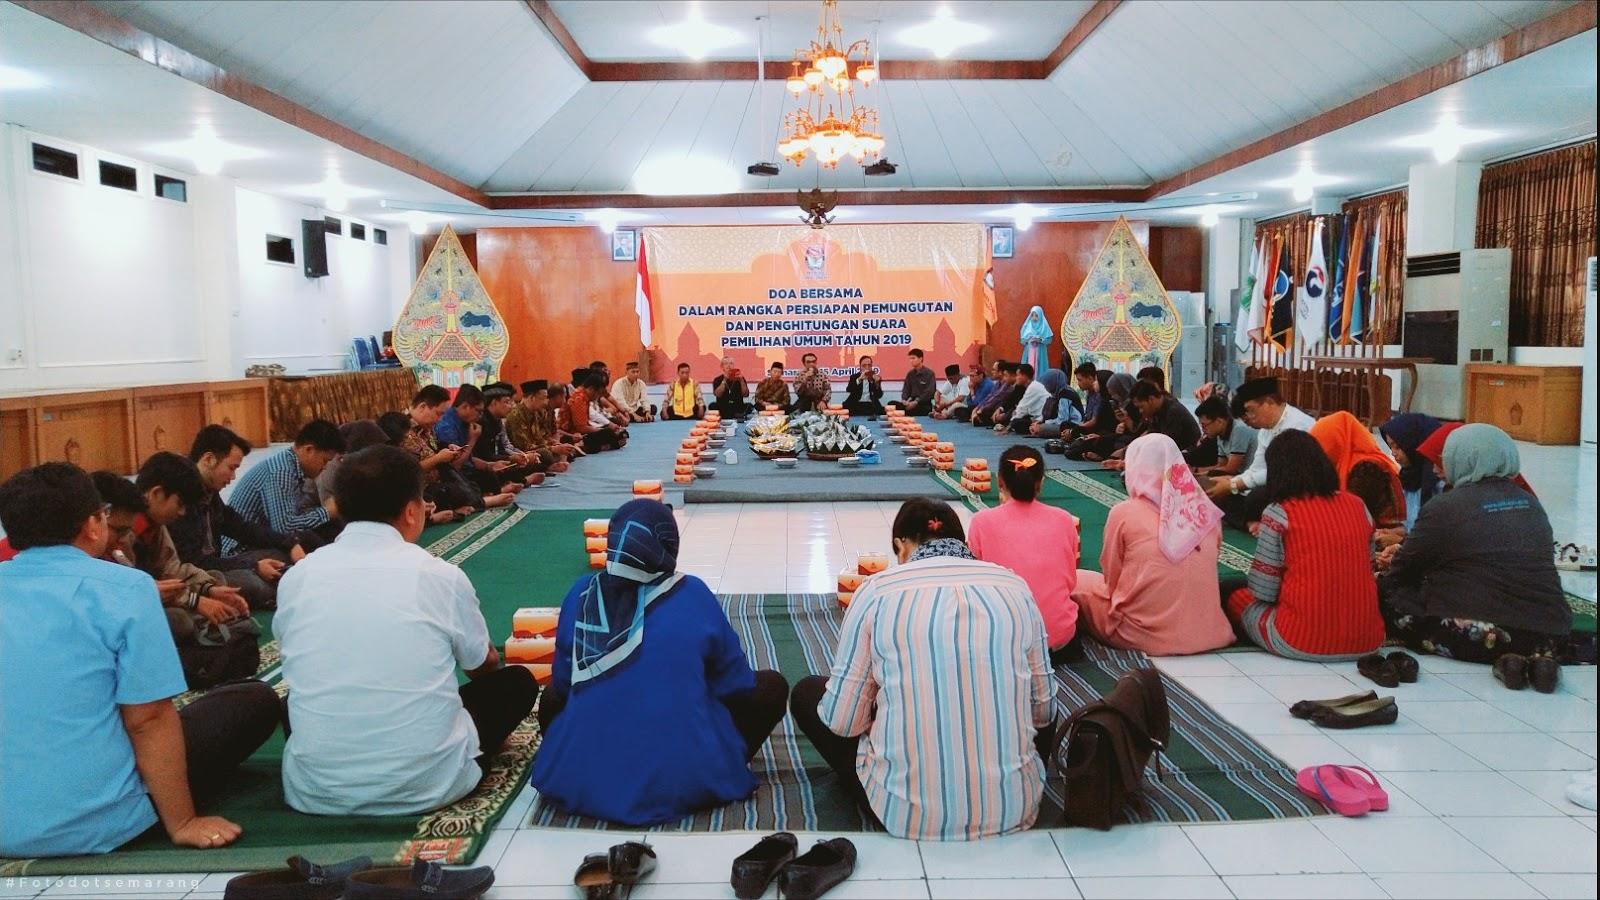 Doa Bersama dan Pengalaman Pertama Ke Kantor KPU Jawa Tengah